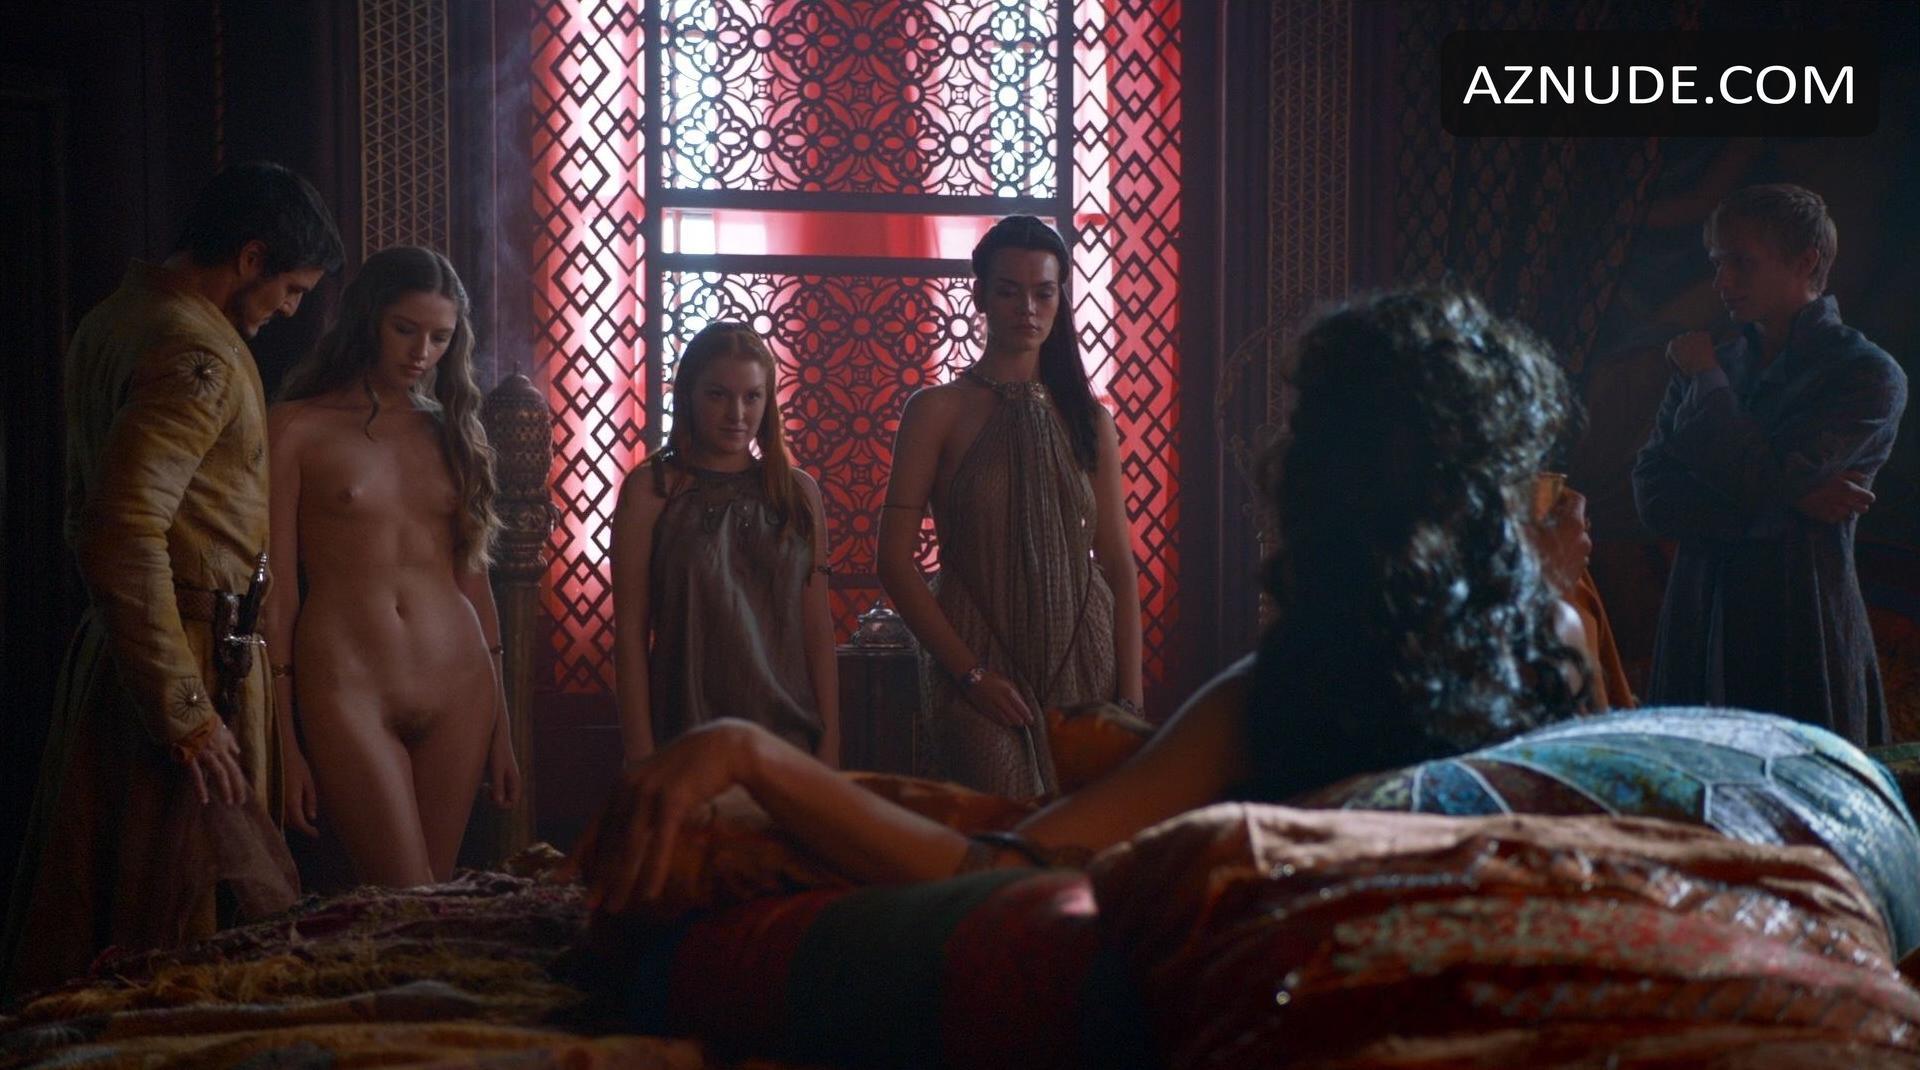 Nude games movies porn virgin